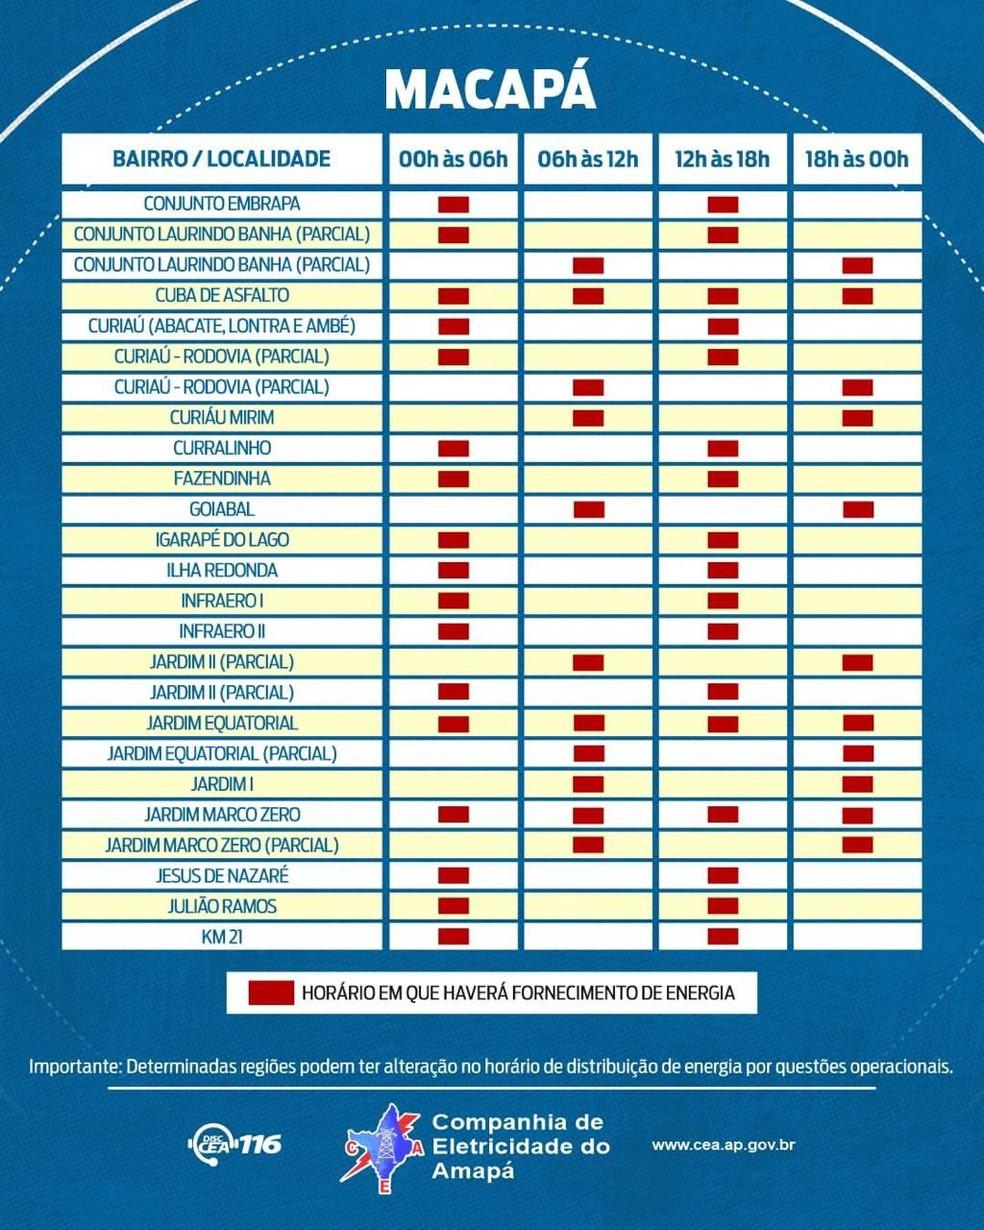 Amapá - cronograma de rodízio de energia - Macapá 2 — Foto: CEA/Divulgação